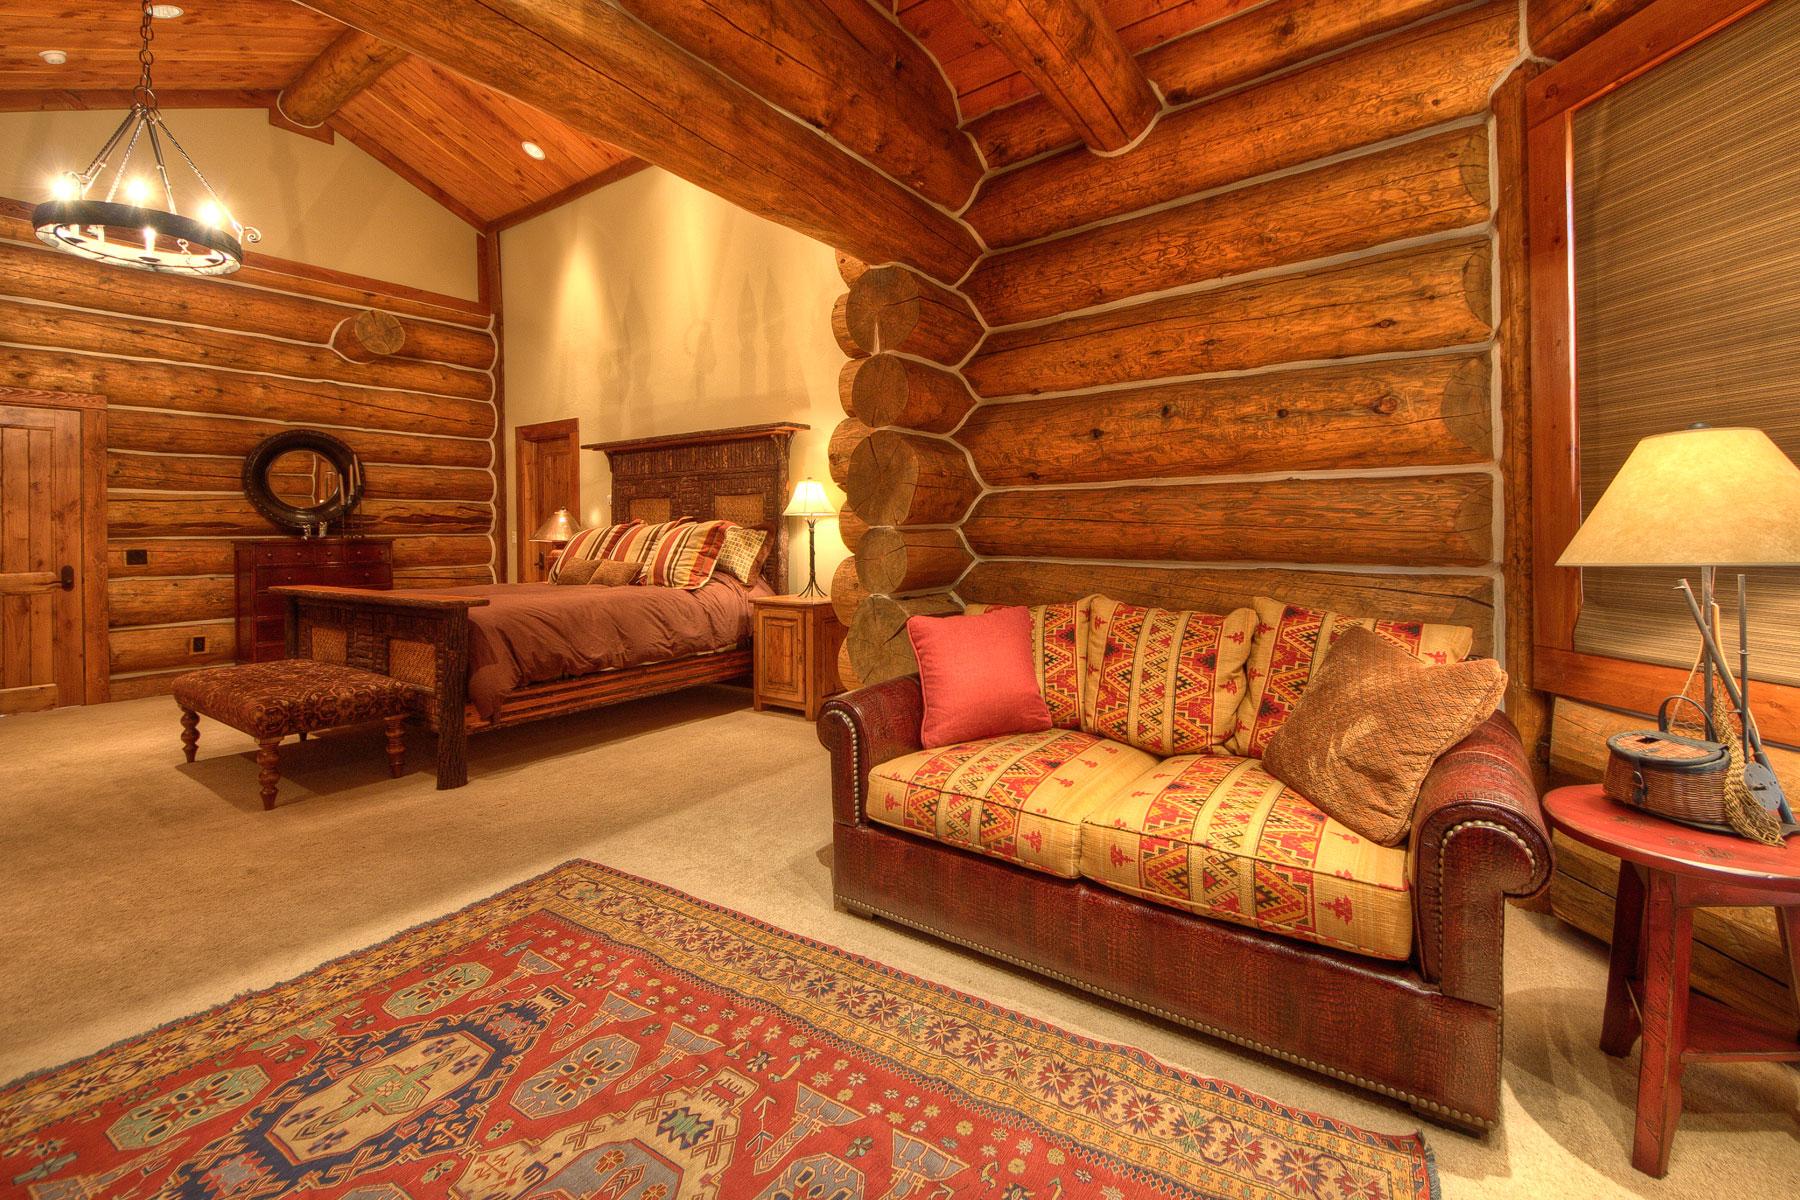 Property Of Ulery's Lake Lodge